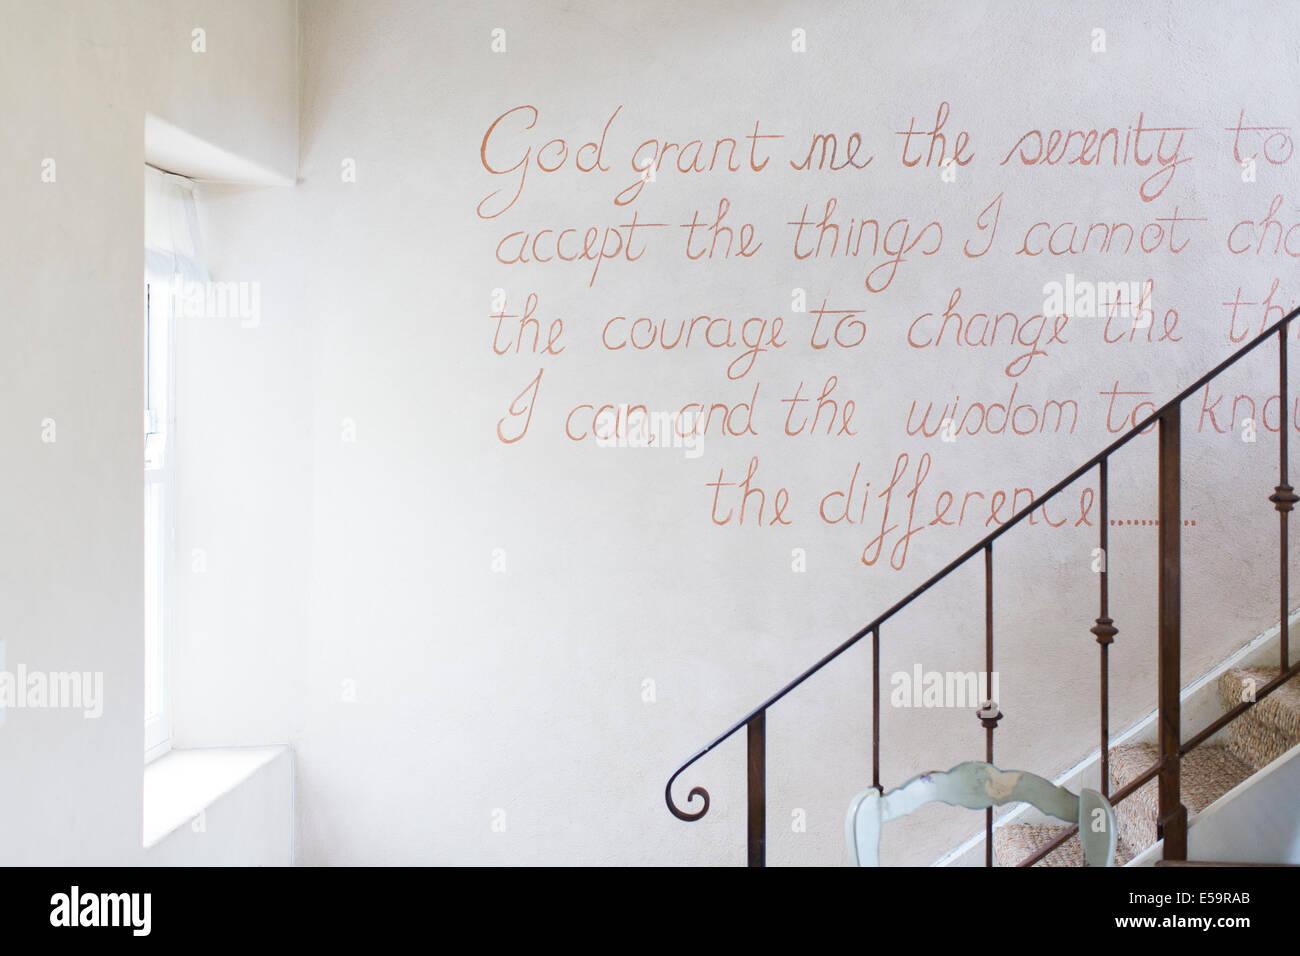 Cita en la pared de la casa rústica Imagen De Stock